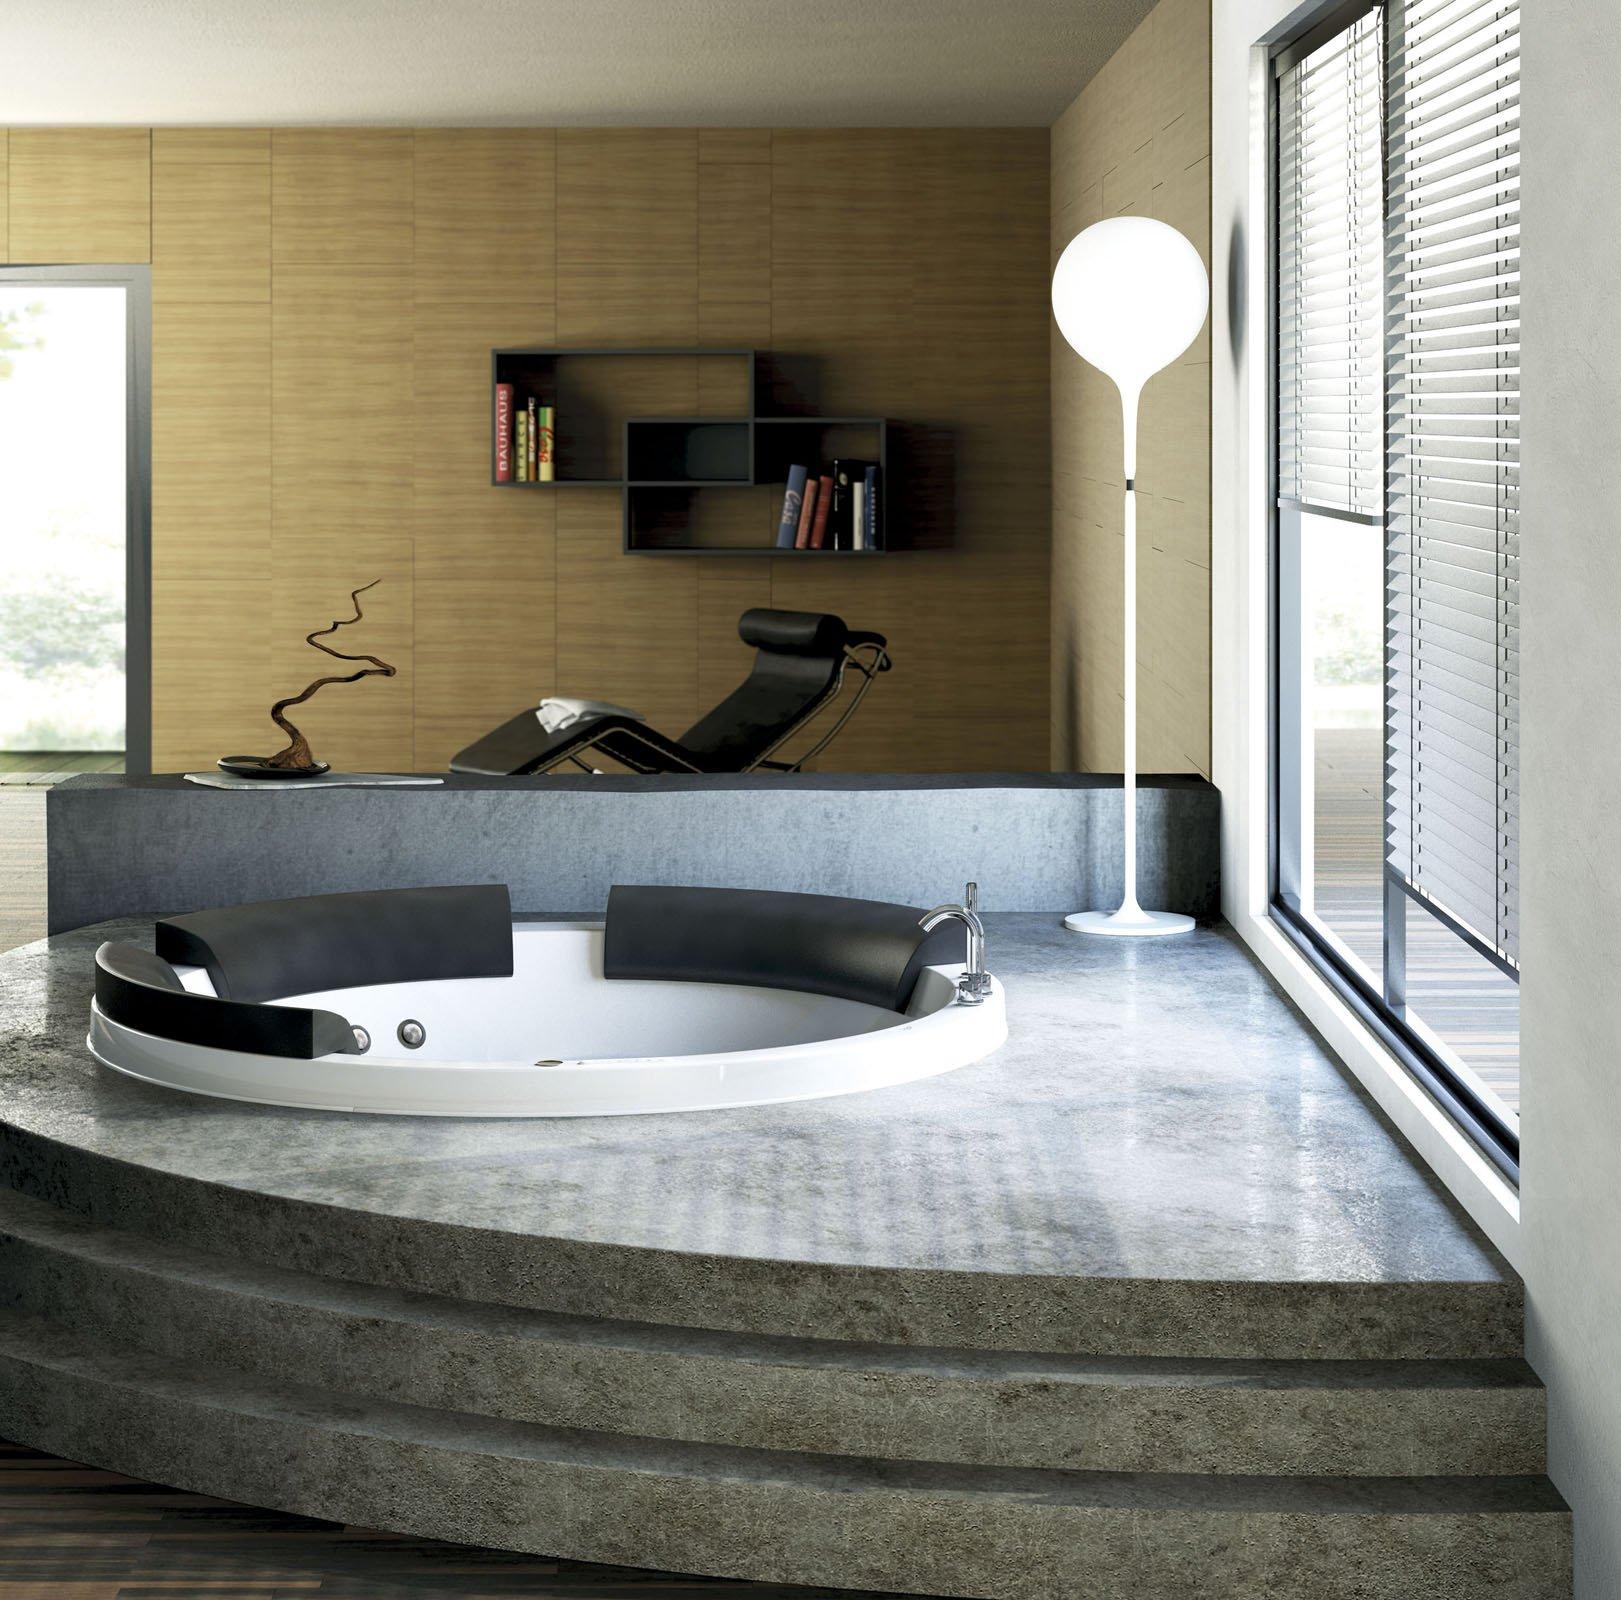 Le vasche idromassaggio cose di casa - Vasca da bagno altezza da terra ...